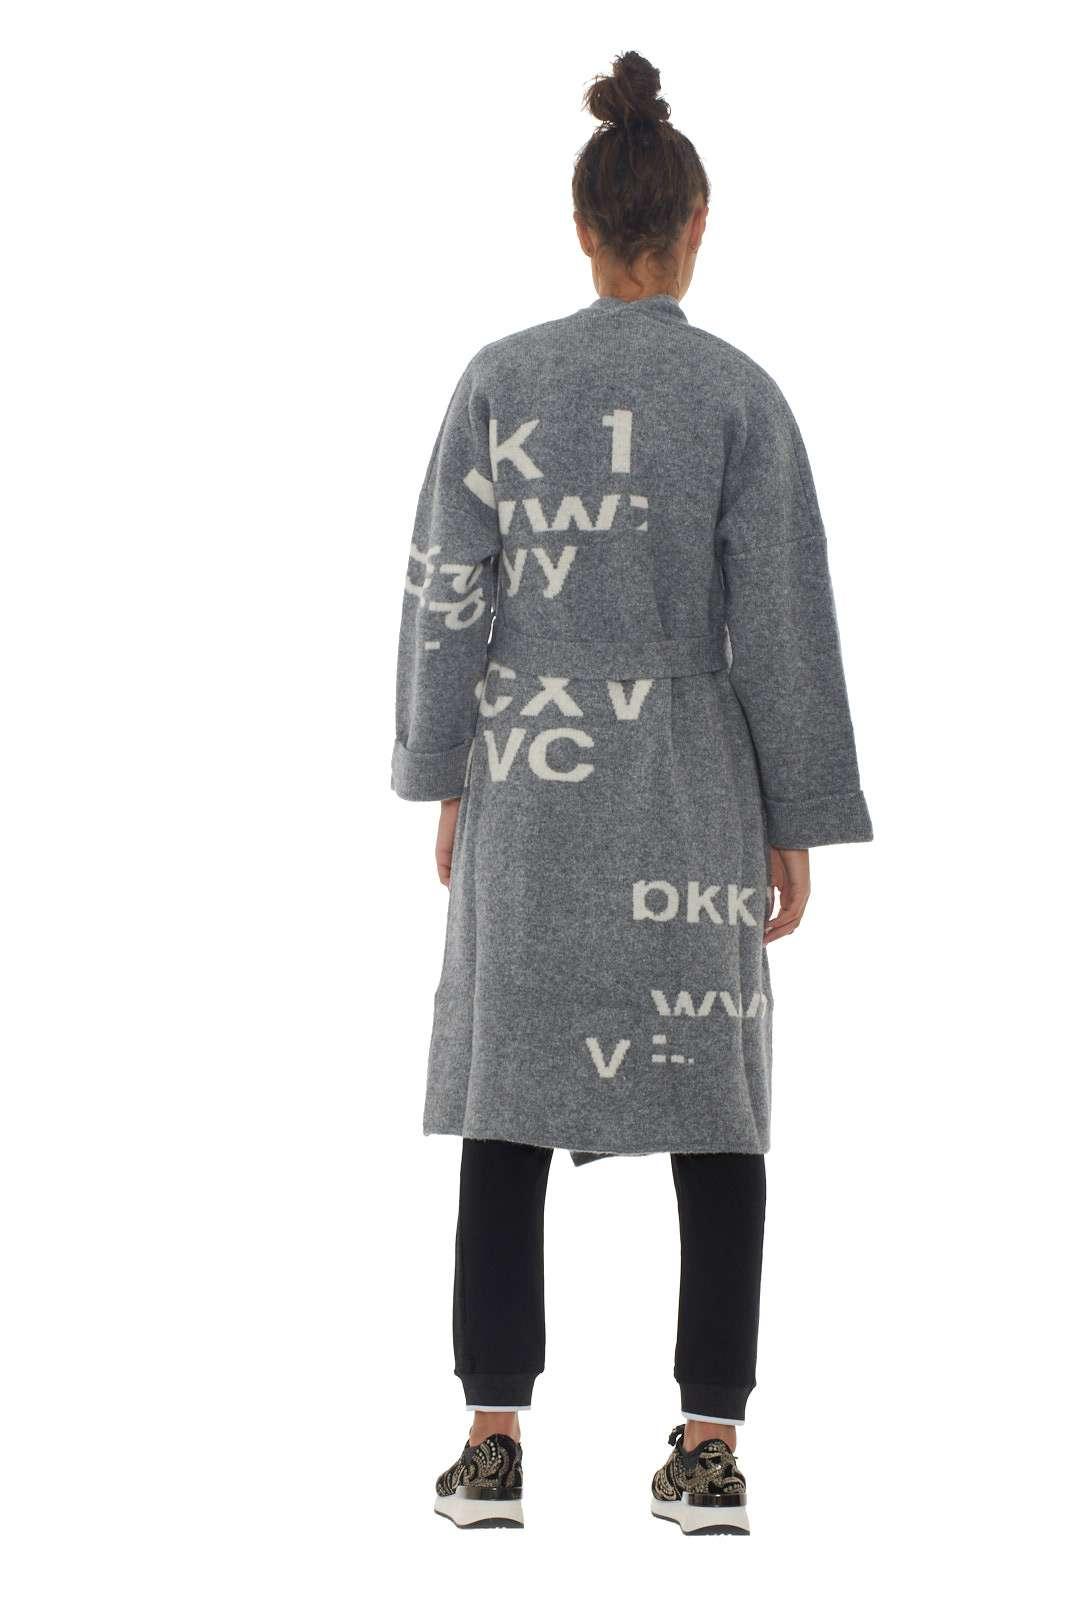 https://www.parmax.com/media/catalog/product/a/i/AI-outlet_parmax-cardigan-donna-Liu-Jo-T69184-C.jpg